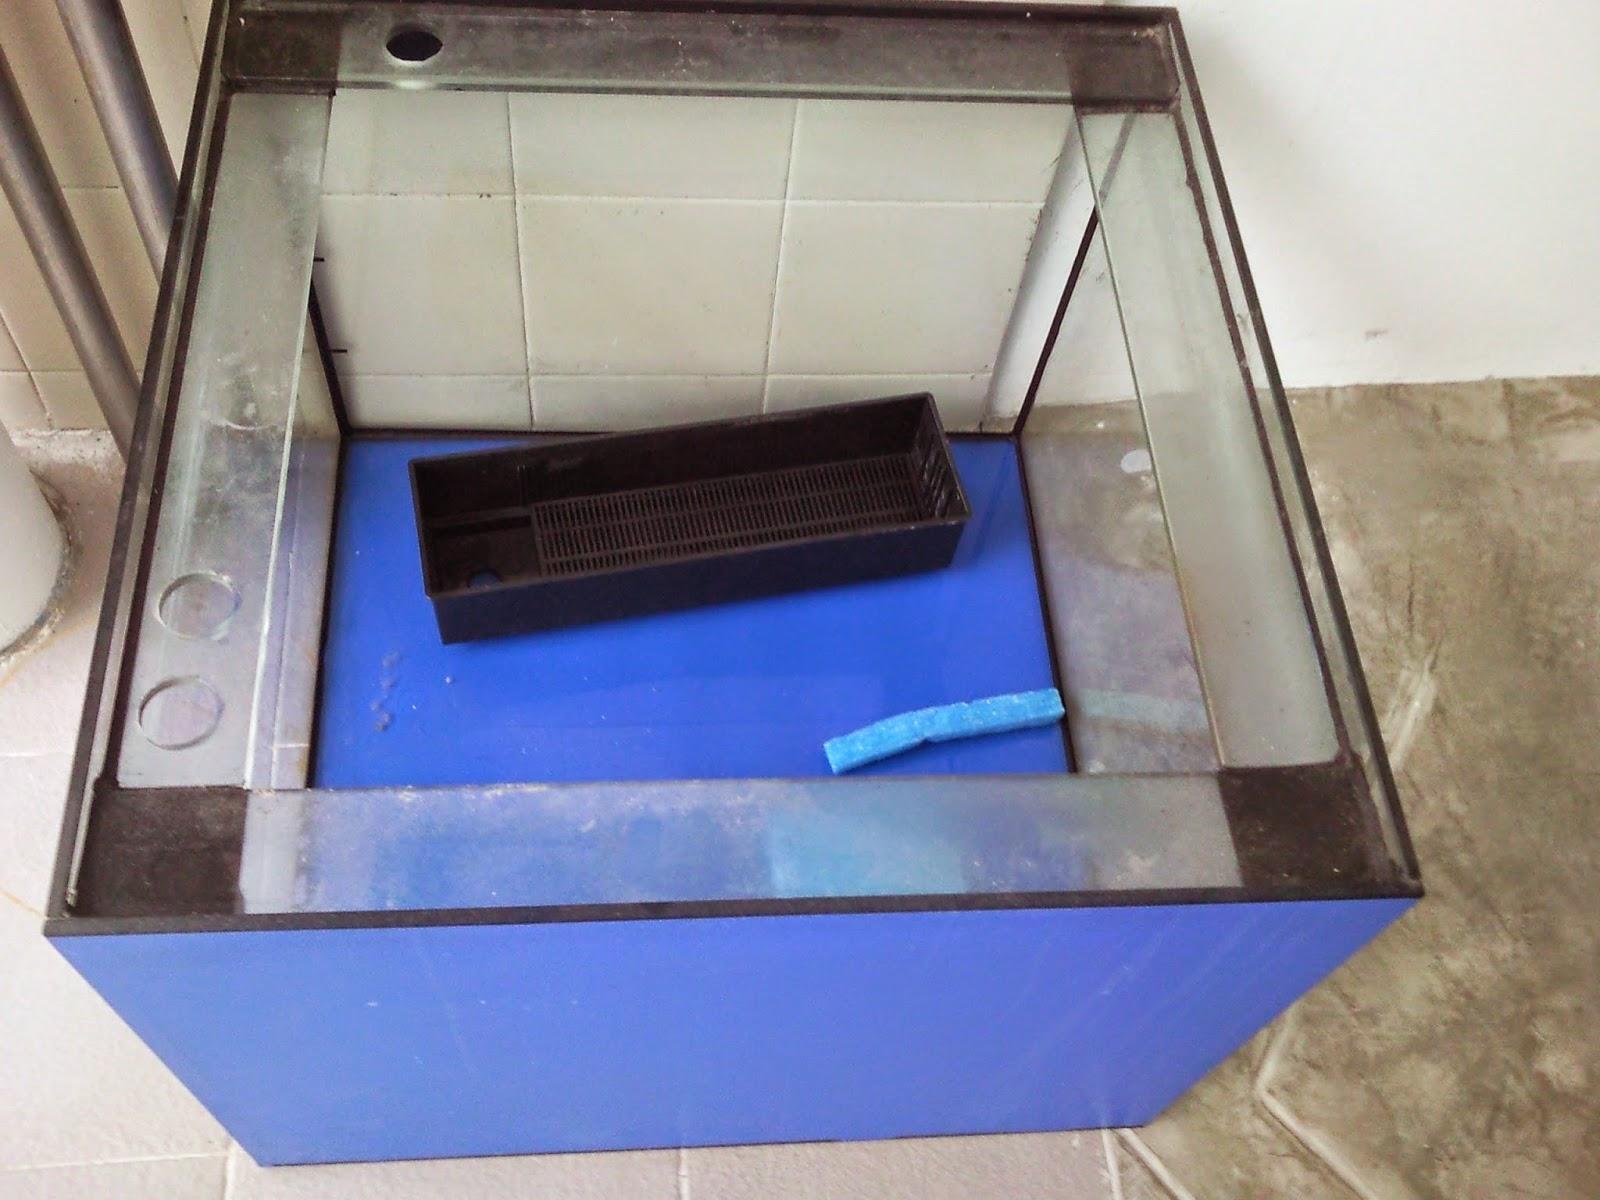 Tropical Fisher Man Fish Tanks And Aquarium CRS: New Square Fish Tank